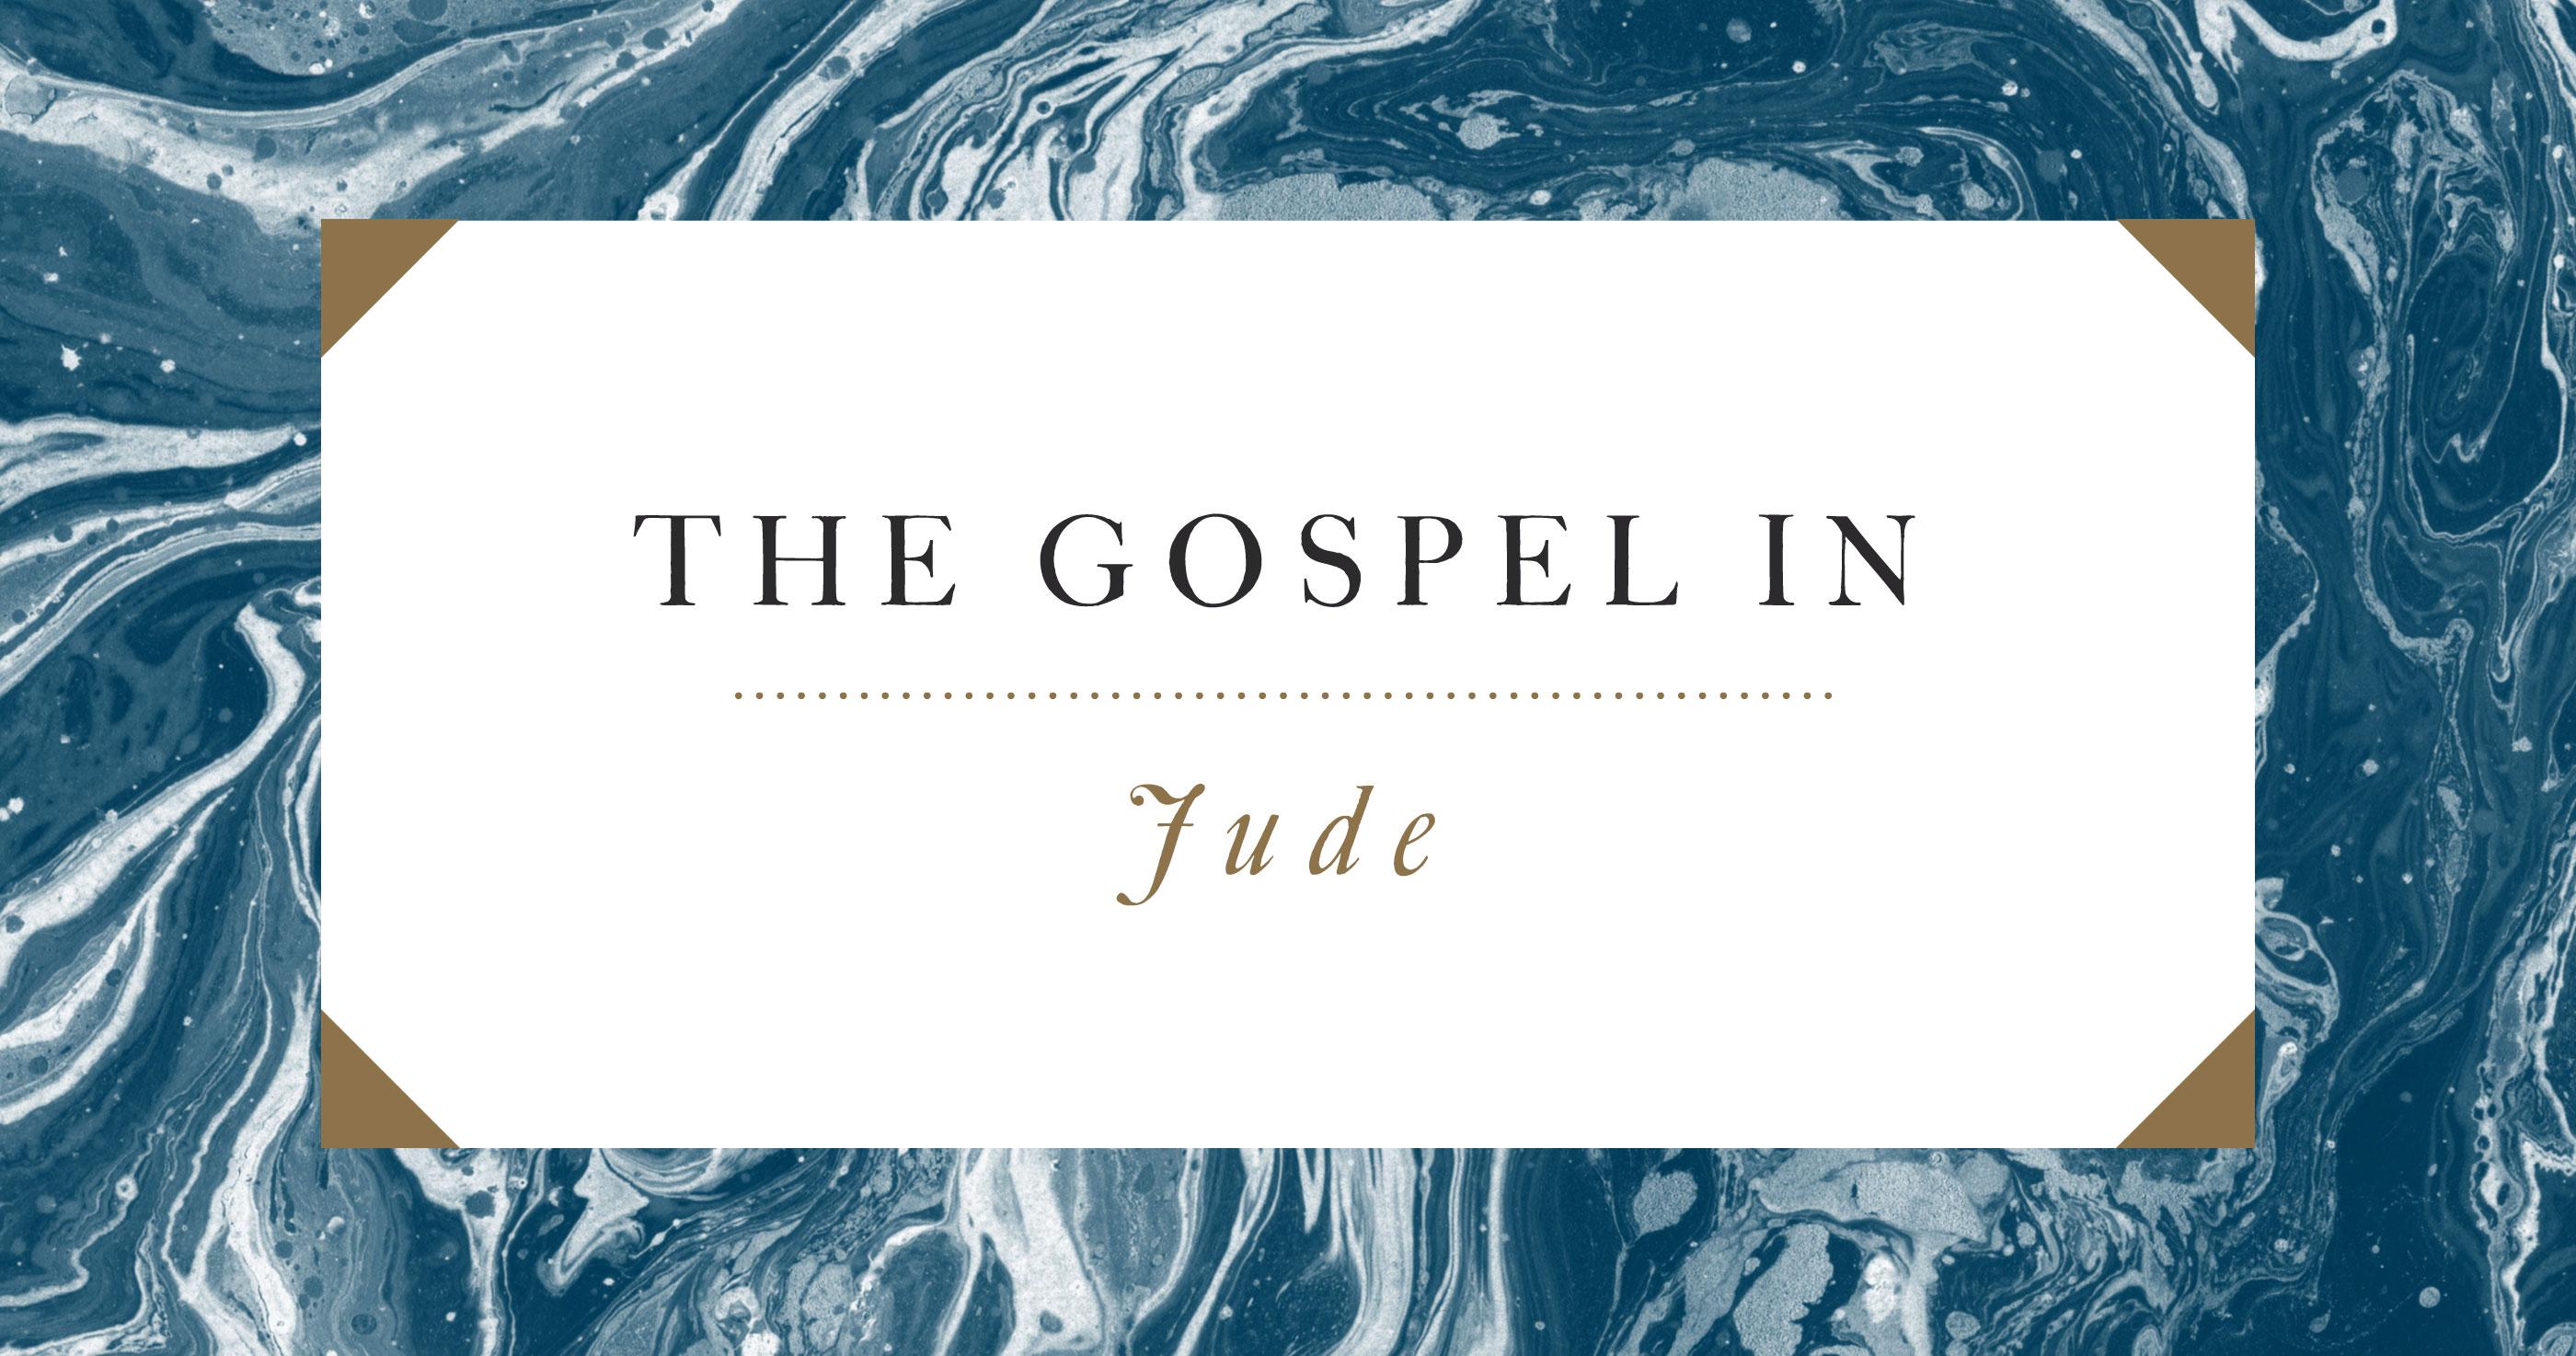 The Gospel in Jude